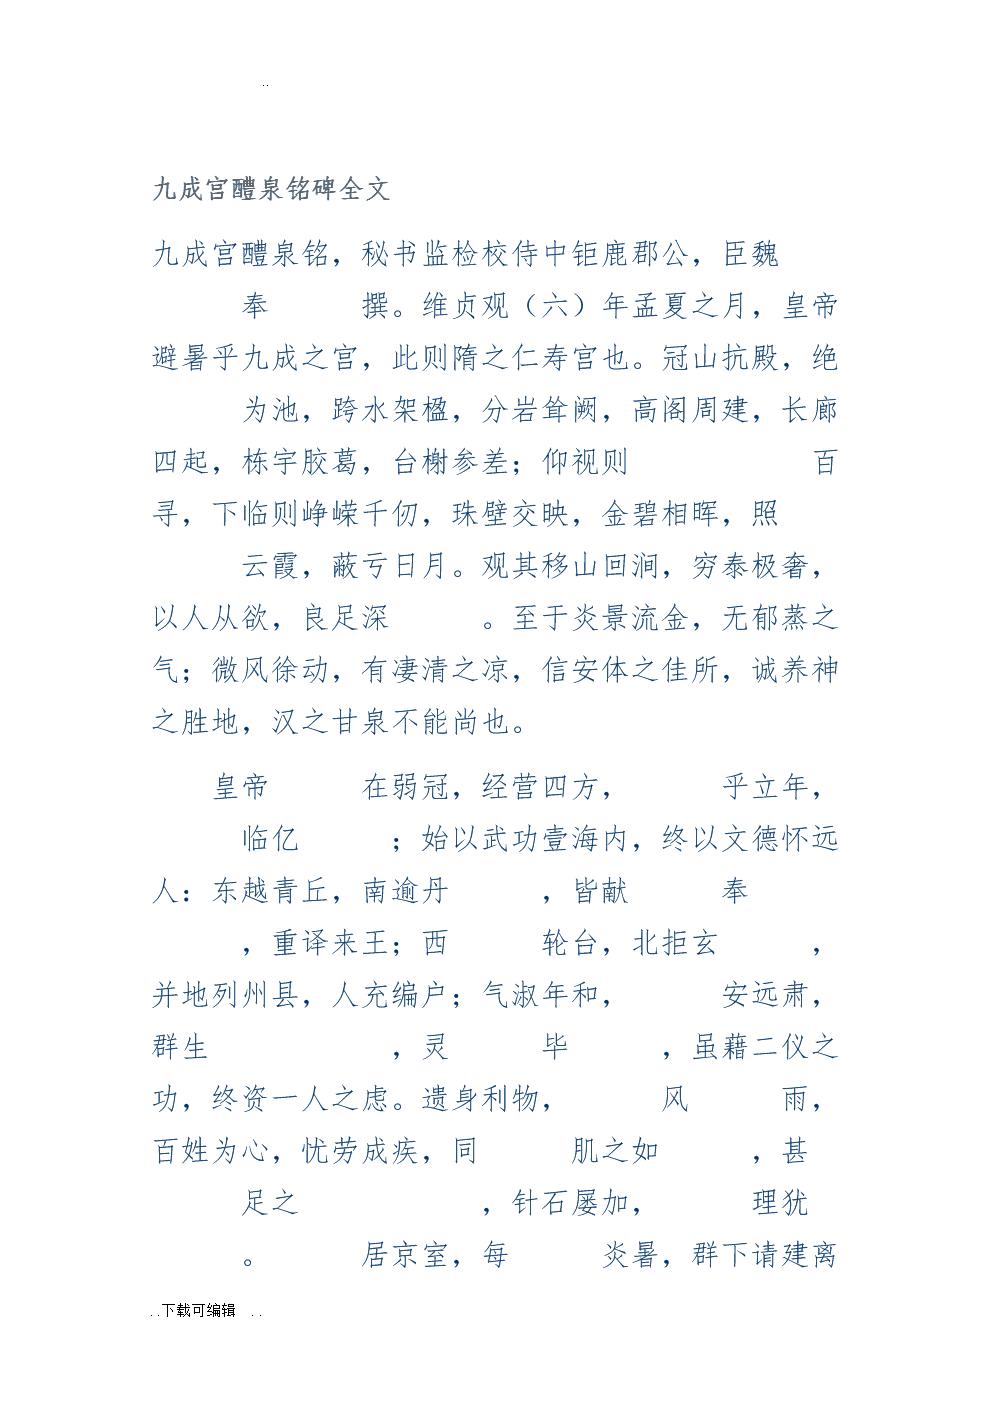 九成宫醴泉铭全文与翻译加繁体.doc